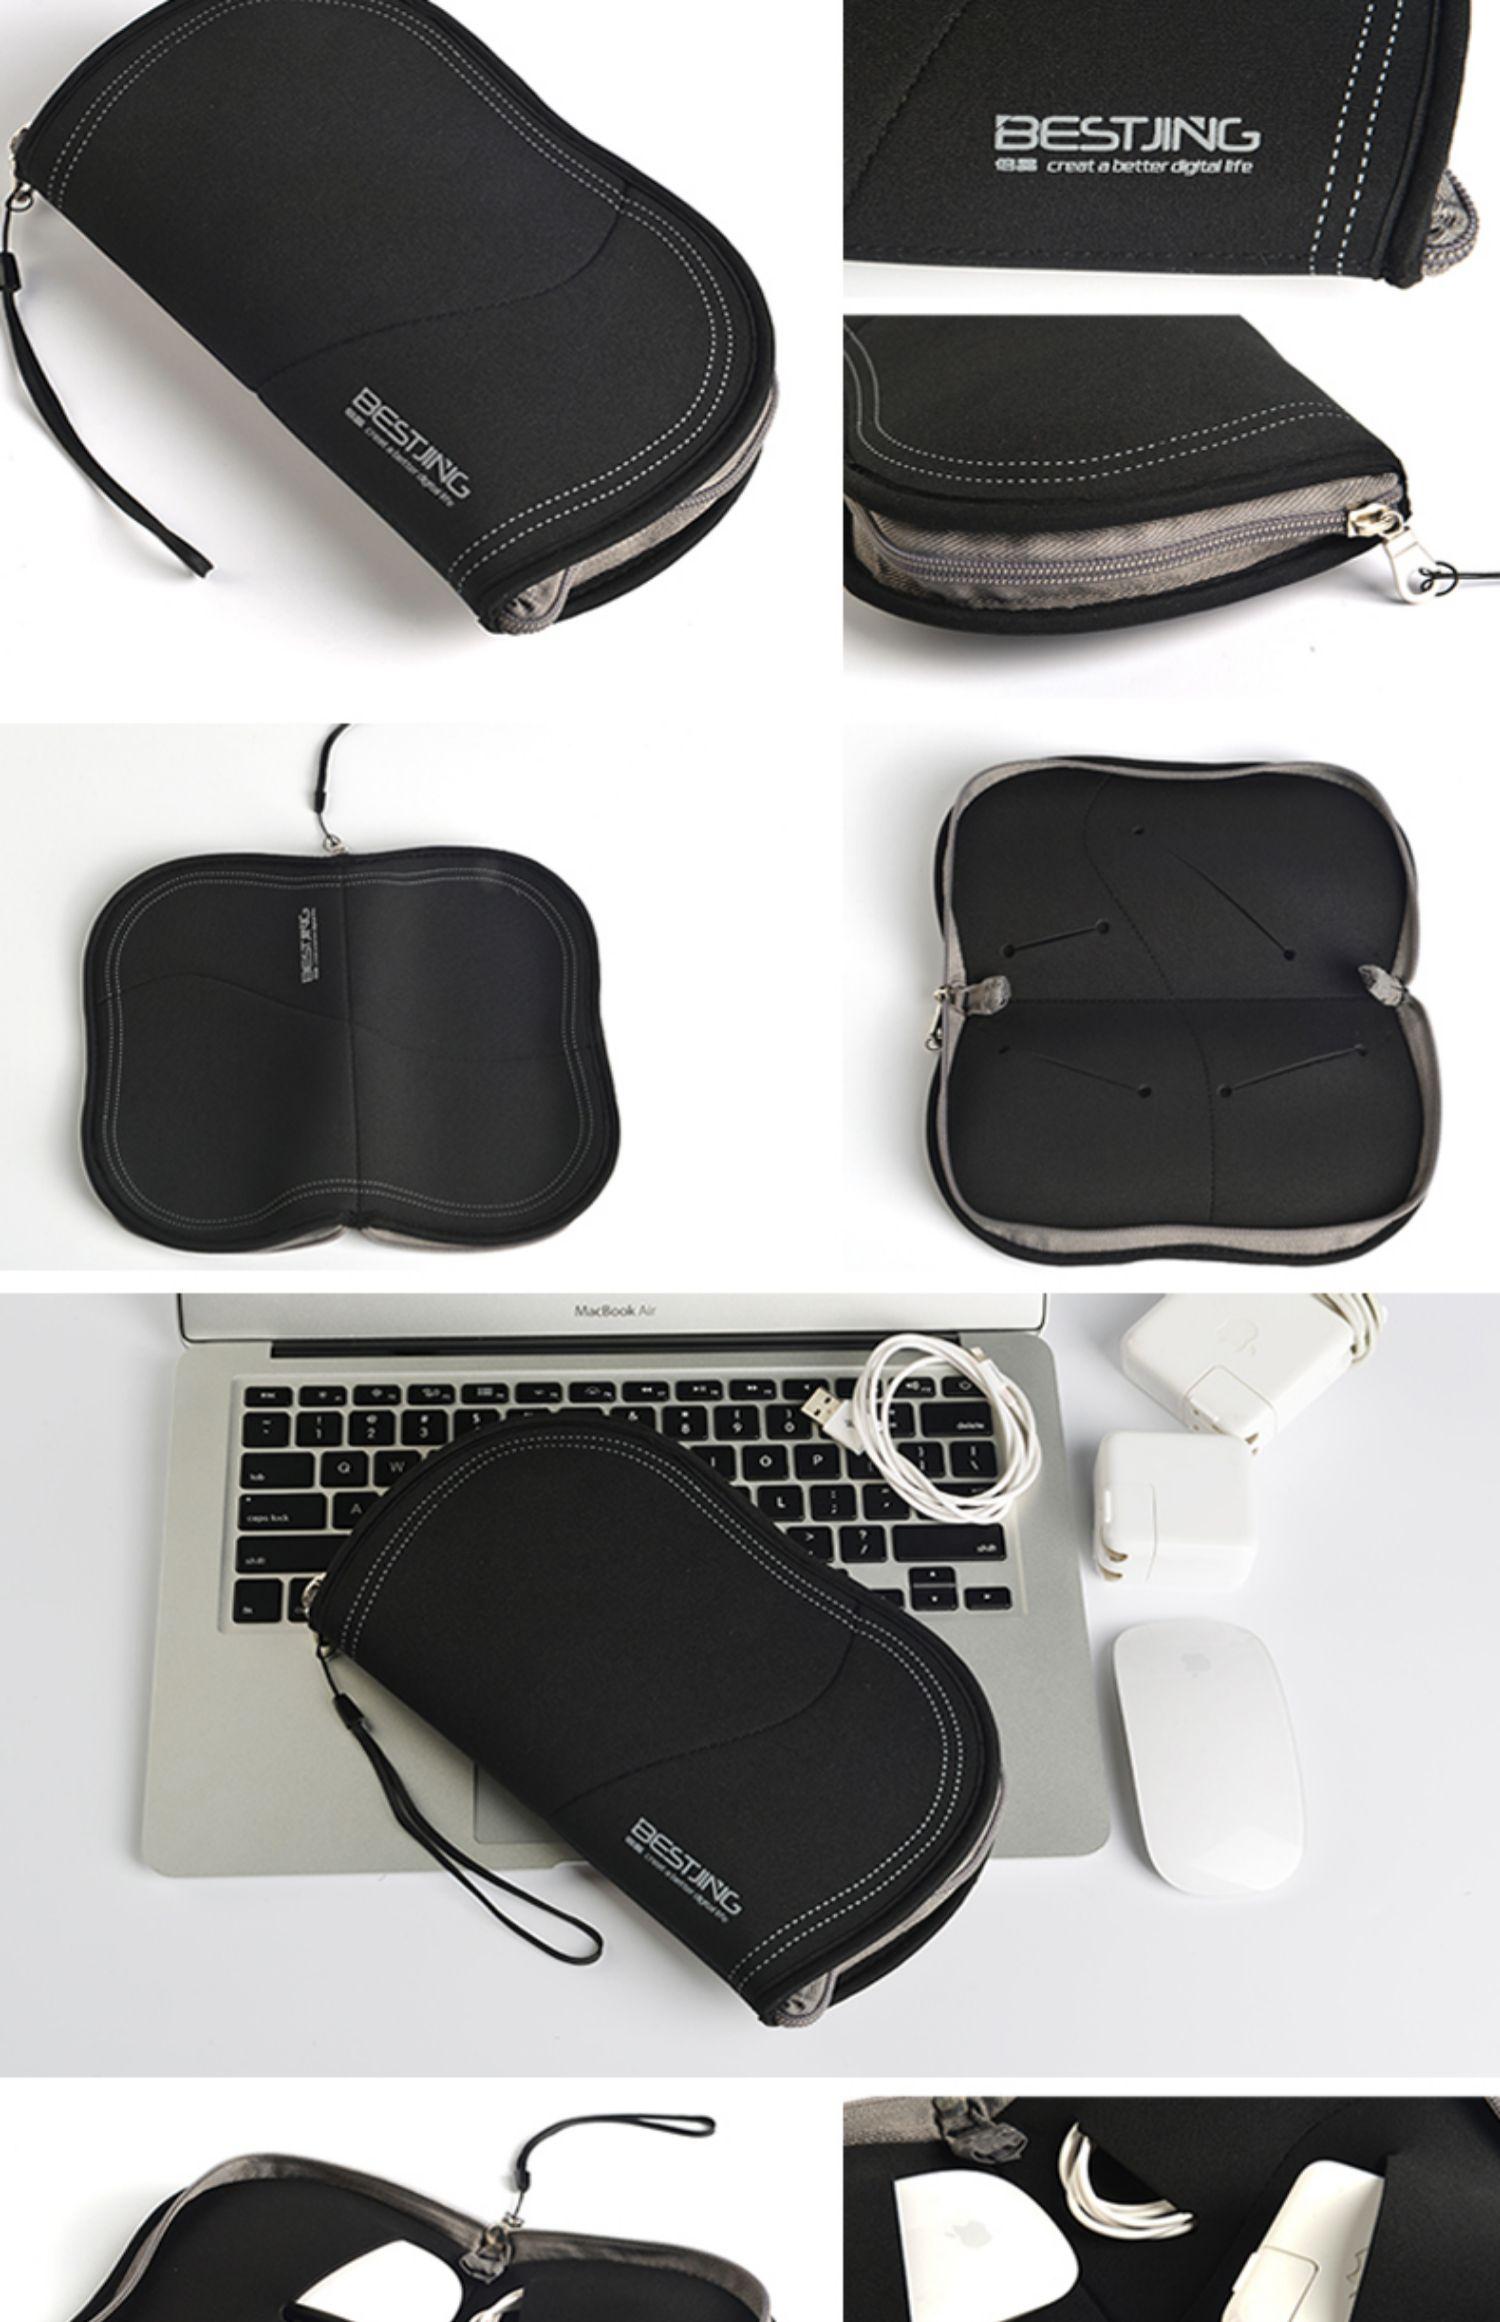 华为matebook x笔记本电脑pro荣耀MagicBook14数码收纳包d充电器e适配器保护包电源套鼠标数据线包商品详情图